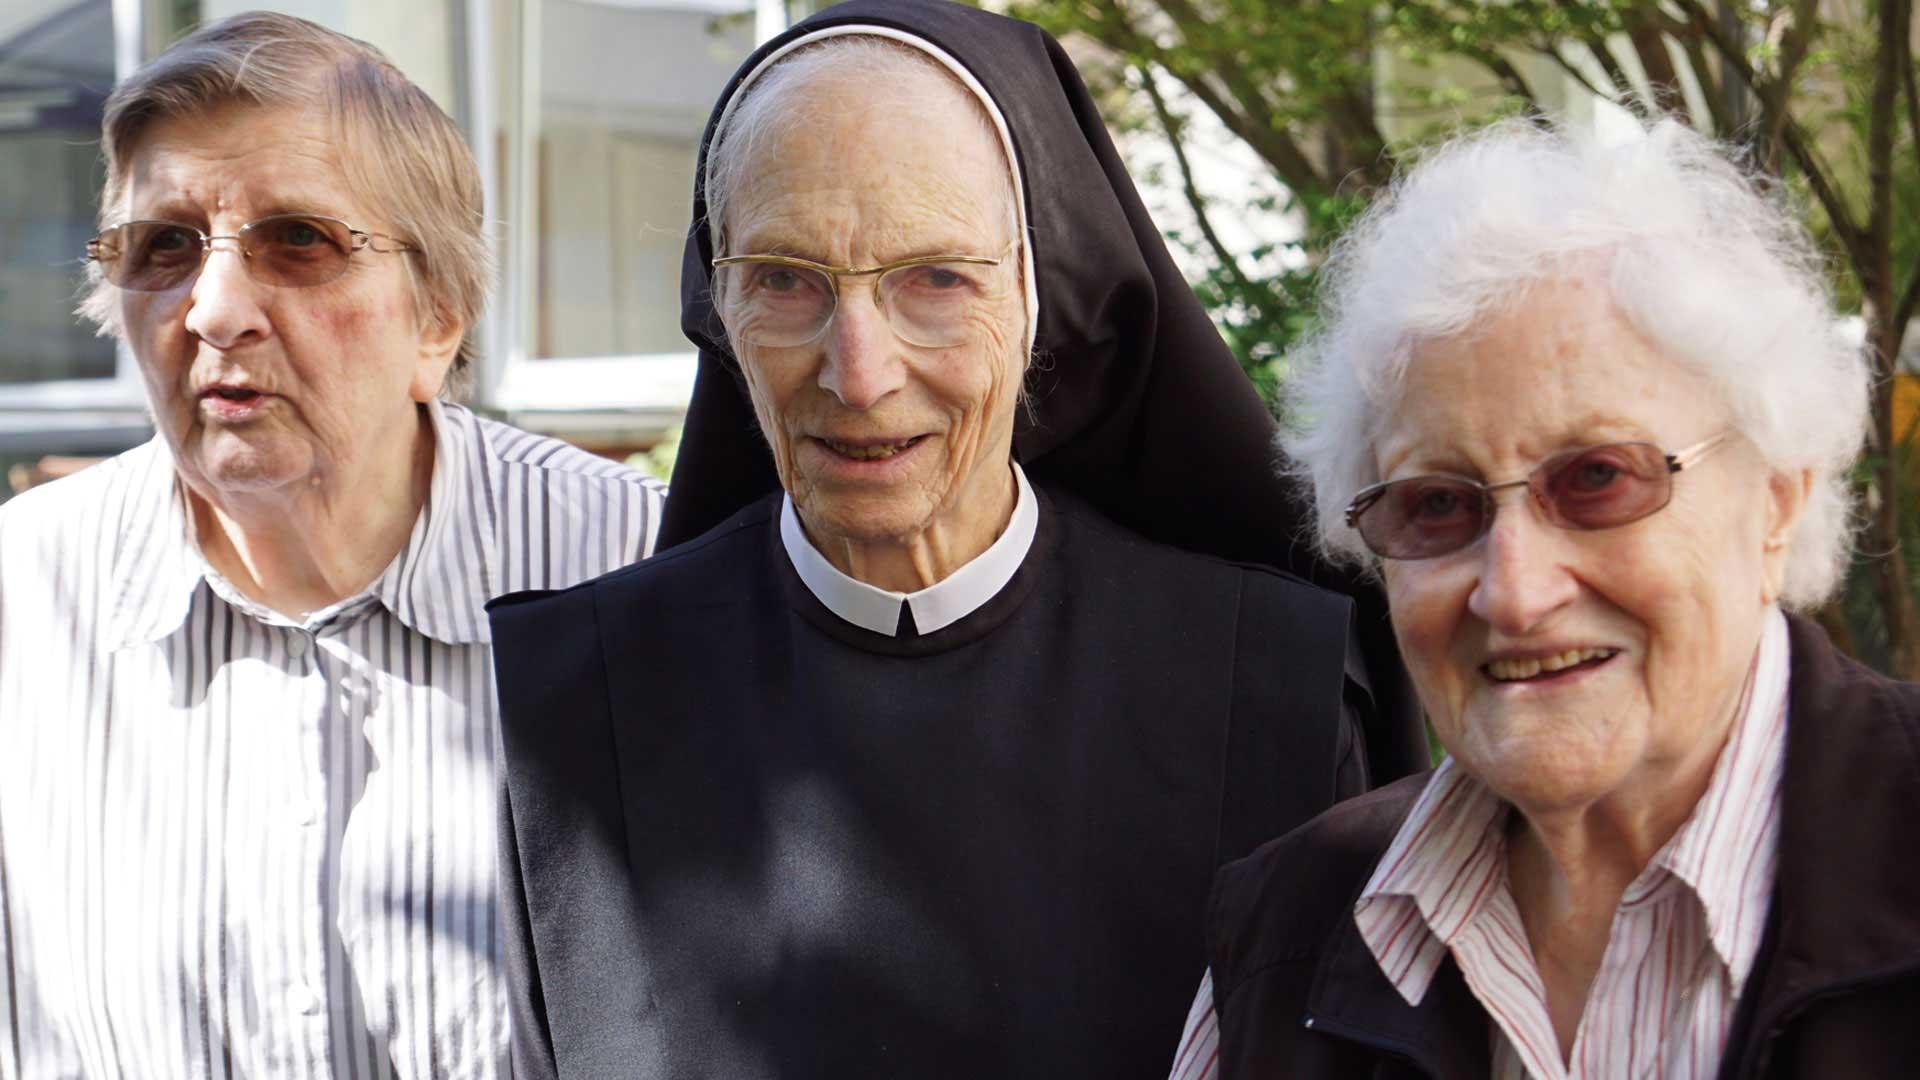 Seniorenzentrum-Bruder-Konrad-Stift-Schwestern-mit-Senioren-4